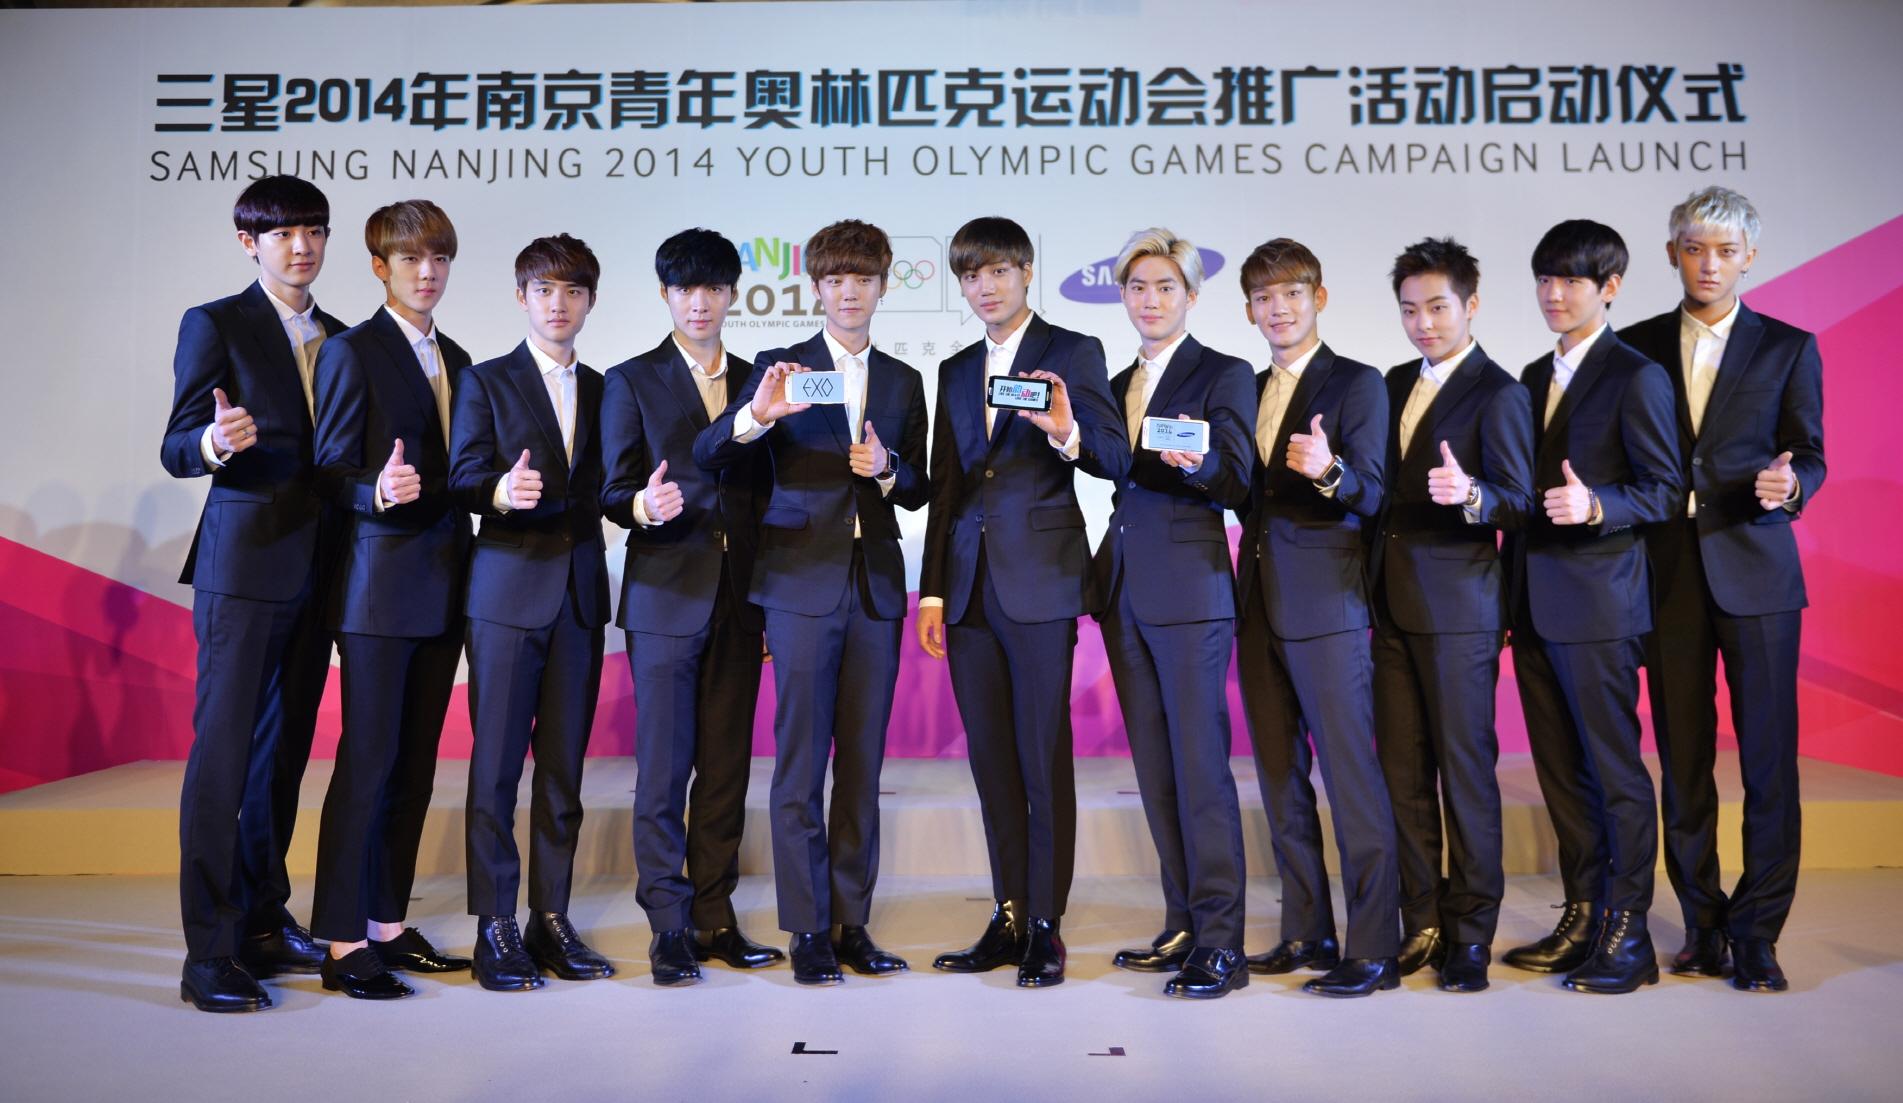 삼성전자 유스올림픽 캠페인 발표 기자회견에 홍보대사인 엑소(EXO)가 참석한 모습